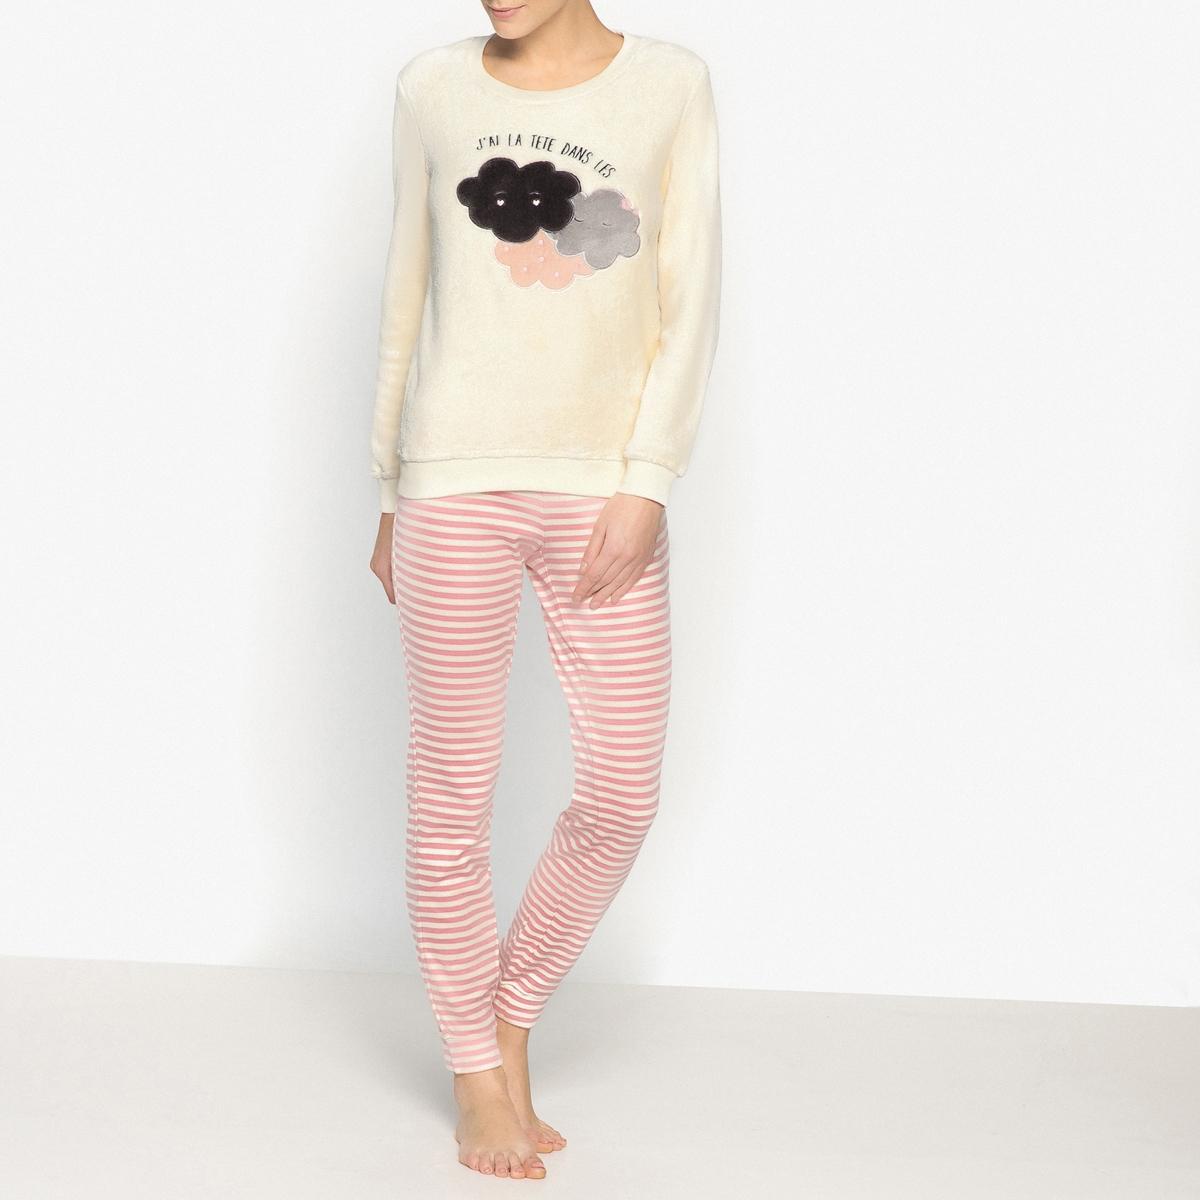 Пижама утепленнаяОписание:Очень теплая пижама с рисунком с красивым верхом и брюками в тонкую полоску : идеальна для моментов отдыха. Состав и описание :Прямой покрой, верз с круглым вырезом, длинные рукава.Брюки с эластичным поясом. Низ на резинке Материал : Верх : 100% полиэстерБрюки : 95 % хлопка, 5% эластанаРазмеры: Верх : 67 см.Длина по внутр.шву : 77 смУход :Стирать с вещами подобного цвета при 30°.Стирать и гладить при низкой температуре с изнаночной стороны. Машинная сушка запрещена.<br><br>Цвет: экрю